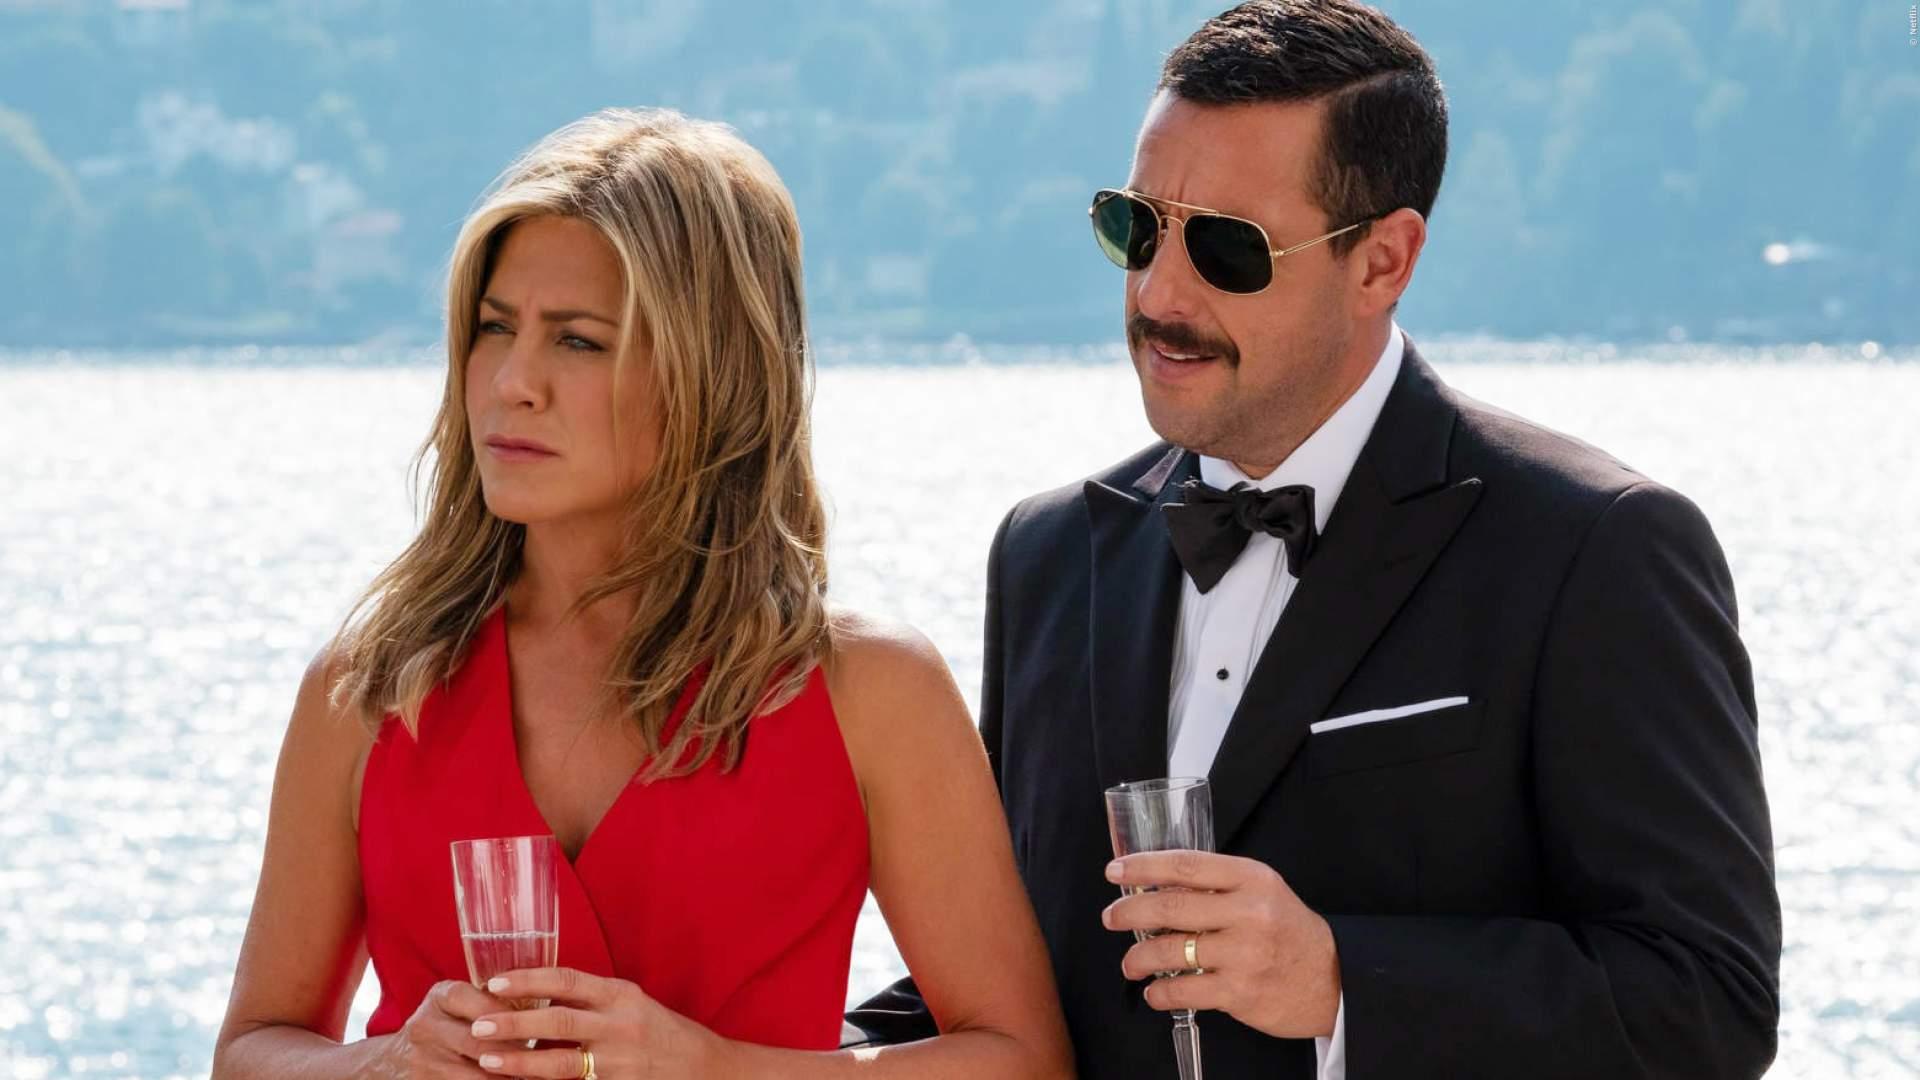 ANGEBER: Dieser Film bricht Zuschauer-Rekord und Netflix prahlt mit Zahlen